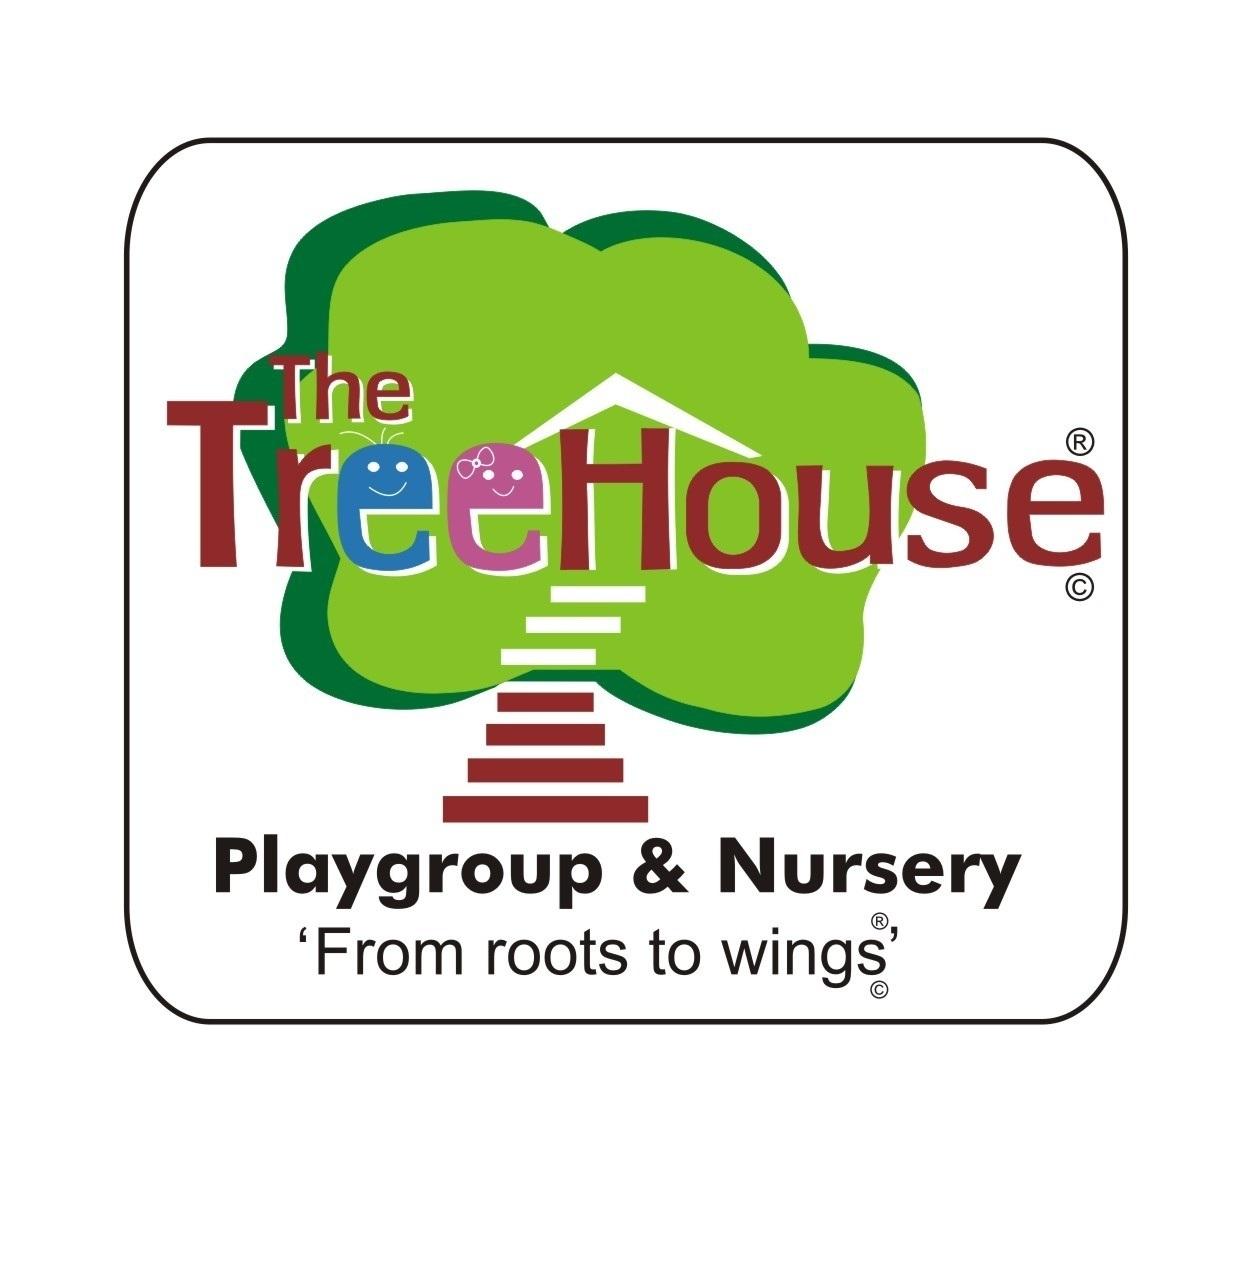 Treehouse Playgroup - Airoli - Navi Mumbai Image